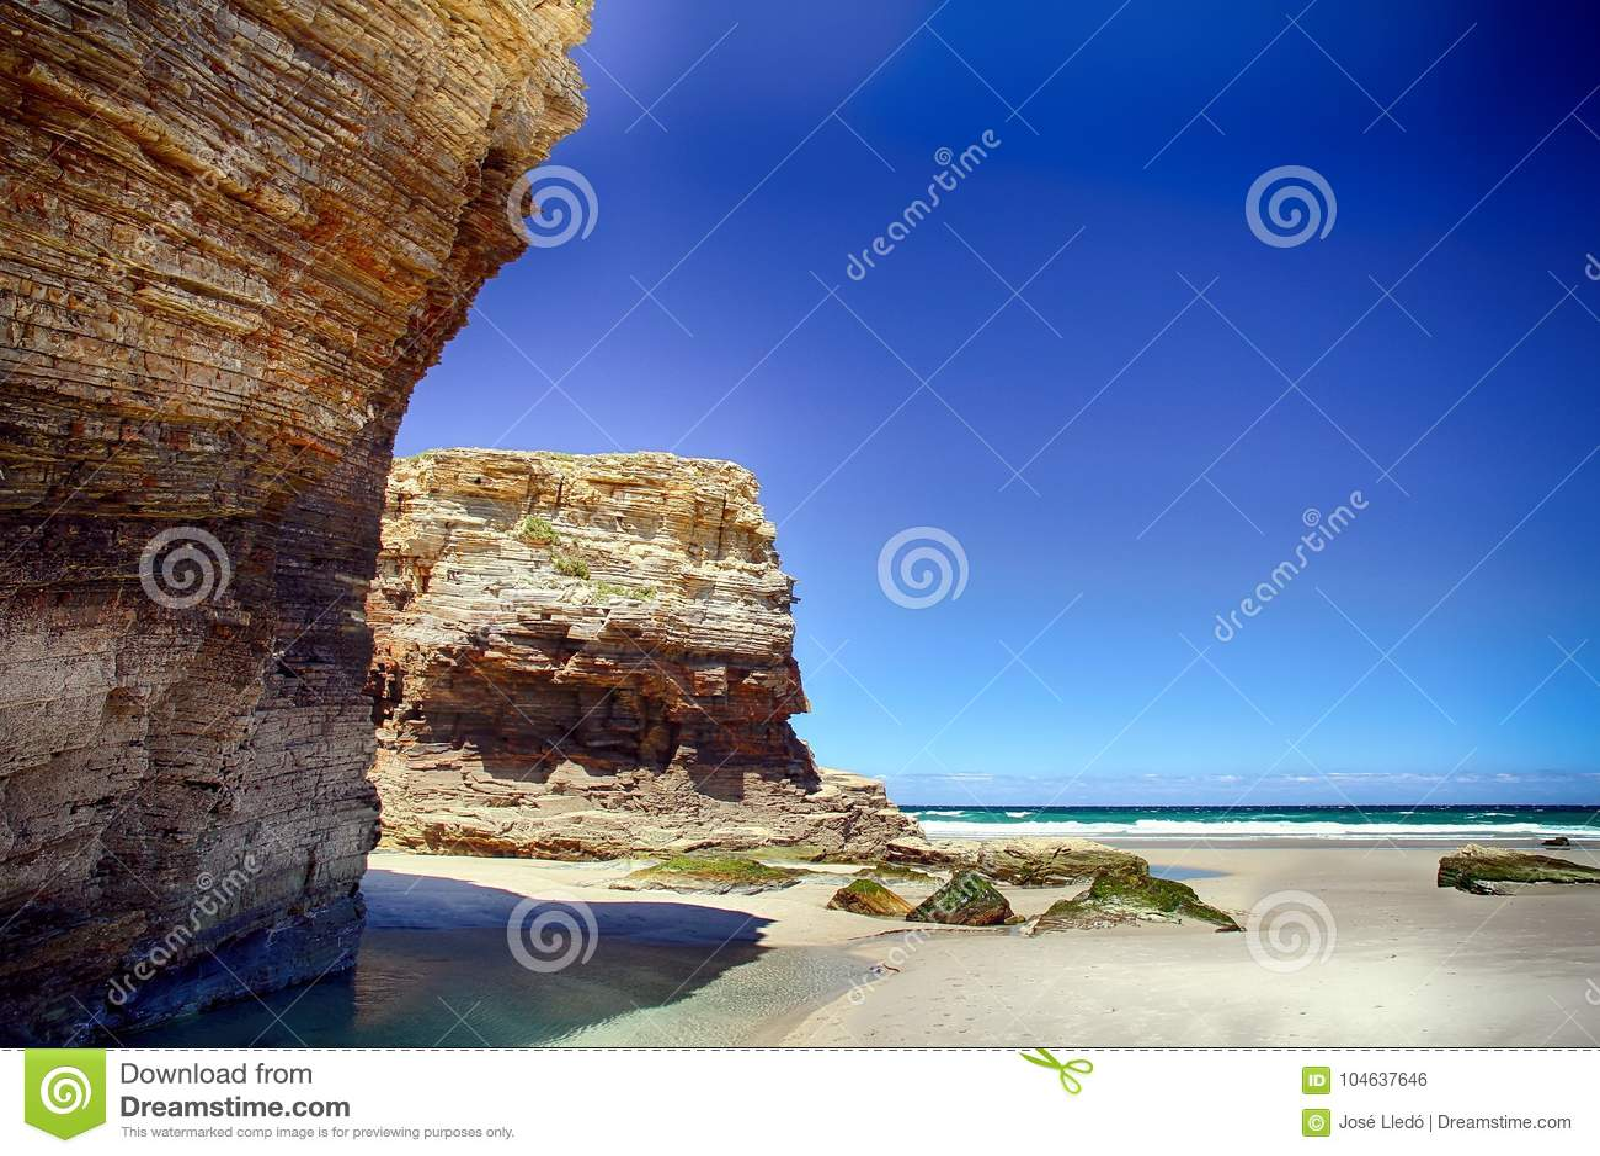 Download Het Kathedralenstrand In Eb Met Rotsen Erosioned Door De Actie Van Het Overzees Stock Foto - Afbeelding bestaande uit kust, nave: 104637646